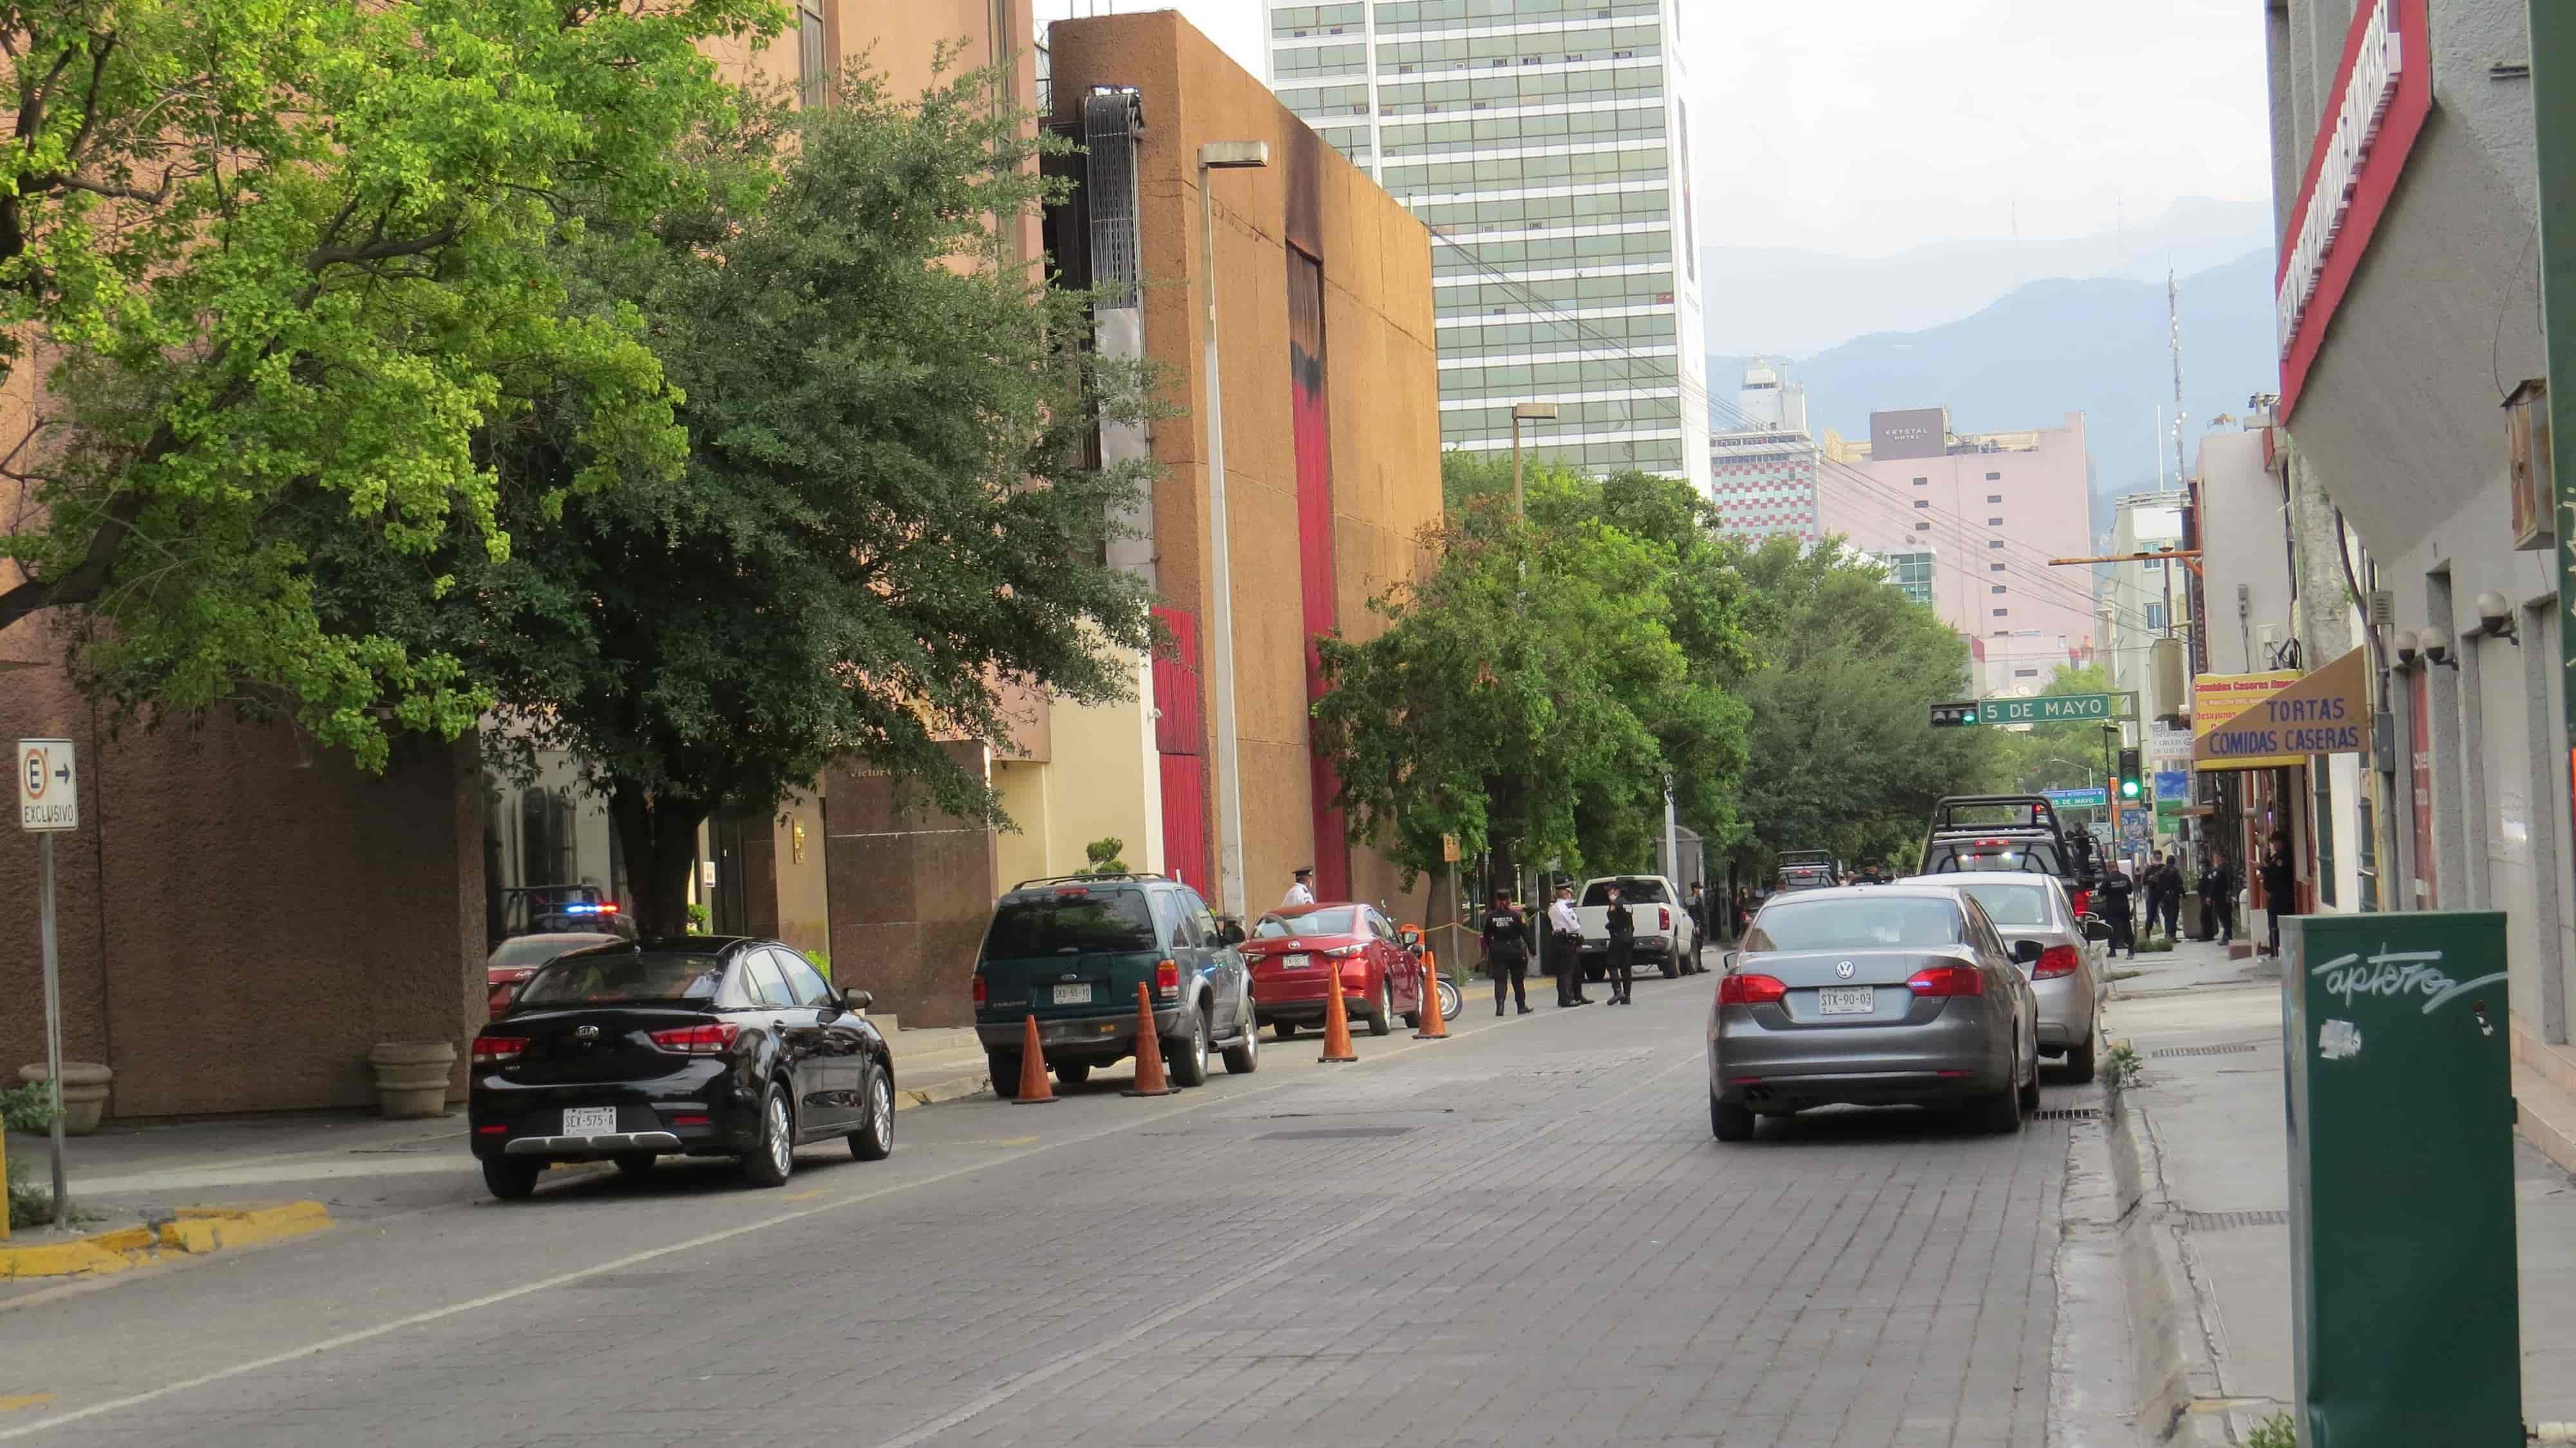 Se reportaron detonaciones de arma de fuego frente a ese edificio